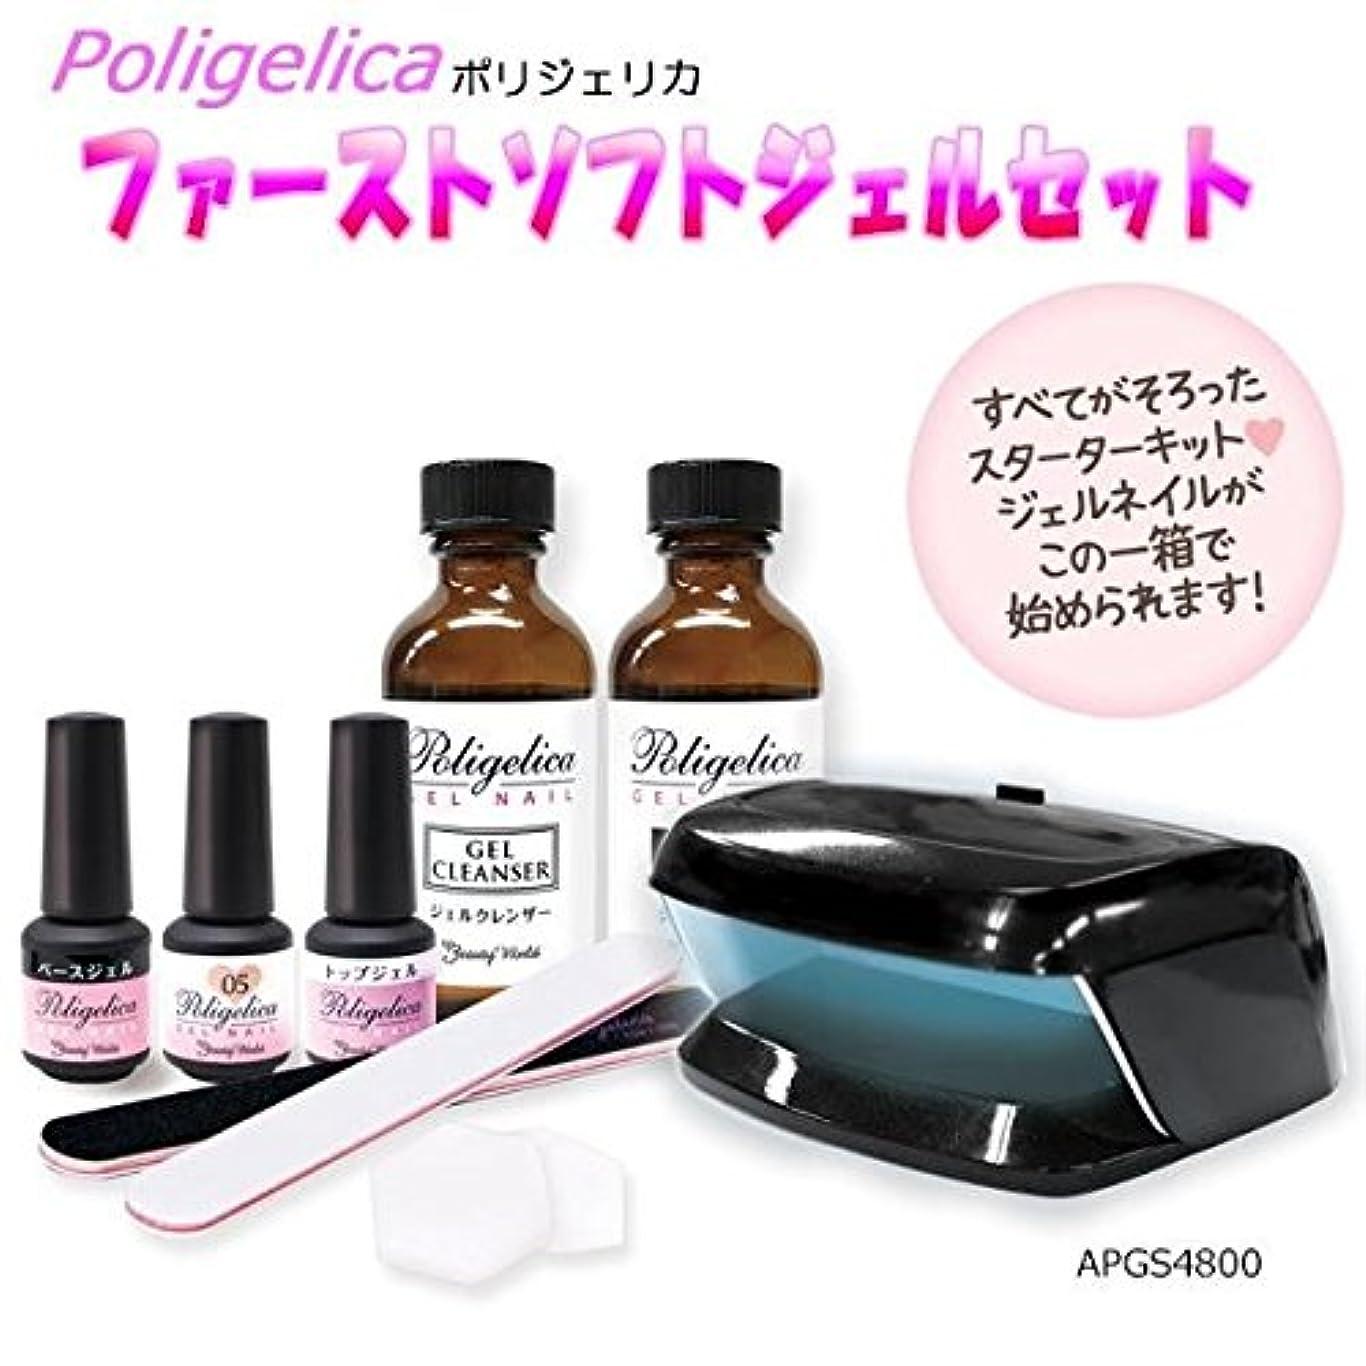 望み高潔な症候群ビューティーワールド ポリジェリカ Poligelica LEDミニライト付 ファーストソフトジェルセット APGS4800